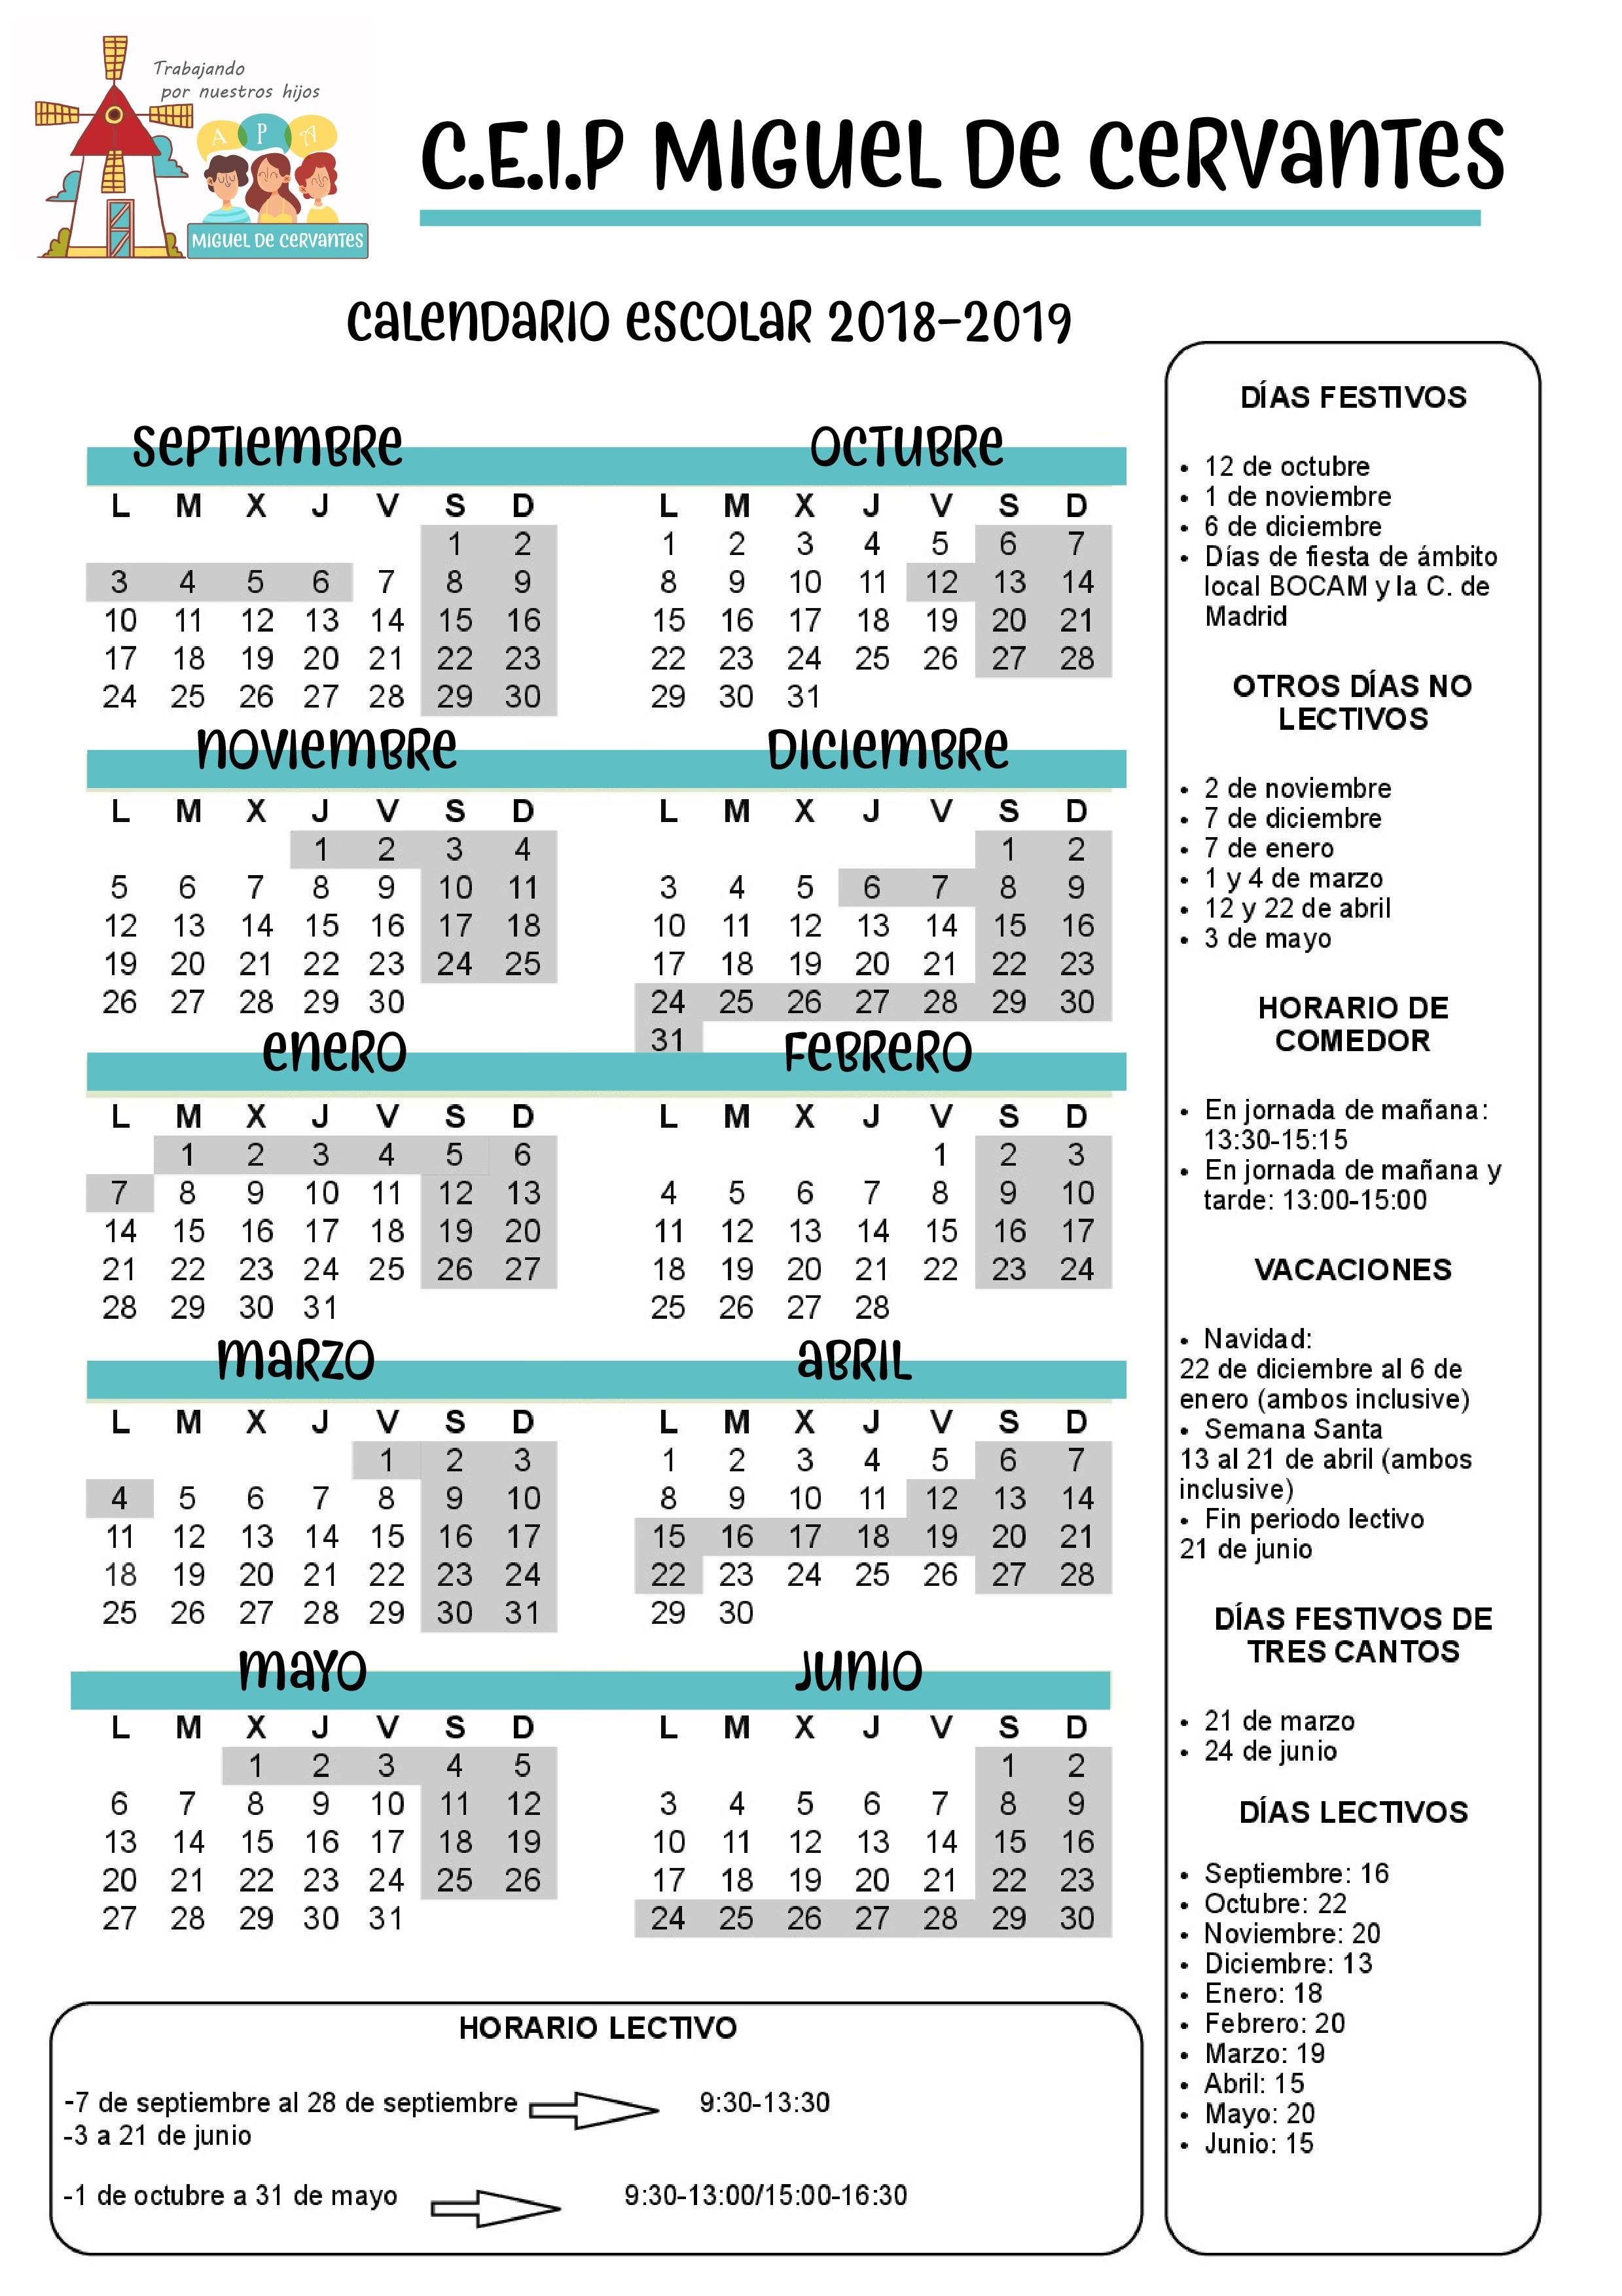 Calendario 2019 Chile Con Feriados Para Imprimir Gratis Actual Colombia Octubre 3267×2854 Feriados Calendario Newspictures Of Calendario 2019 Chile Con Feriados Para Imprimir Gratis Más Recientemente Liberado Calendario Chile A±o 2019